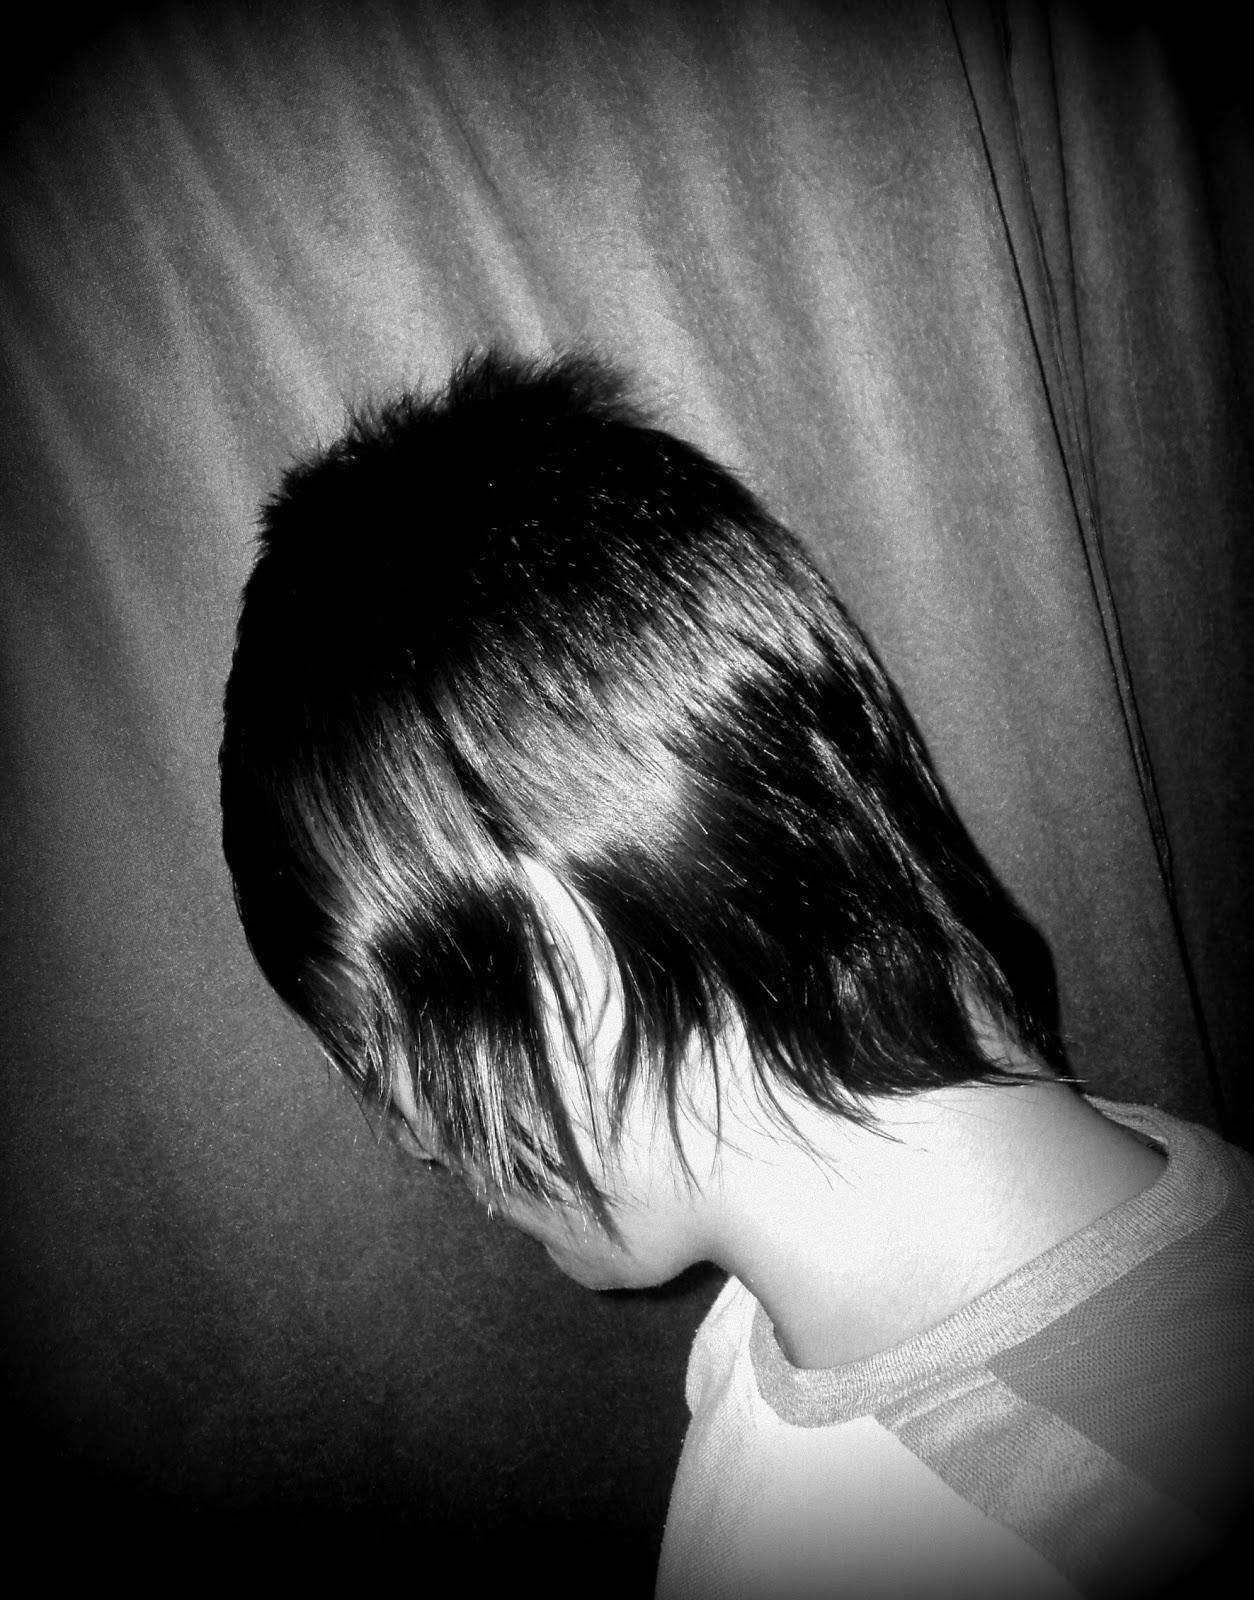 Http 2 bp blogspot com 7ninapxgp i